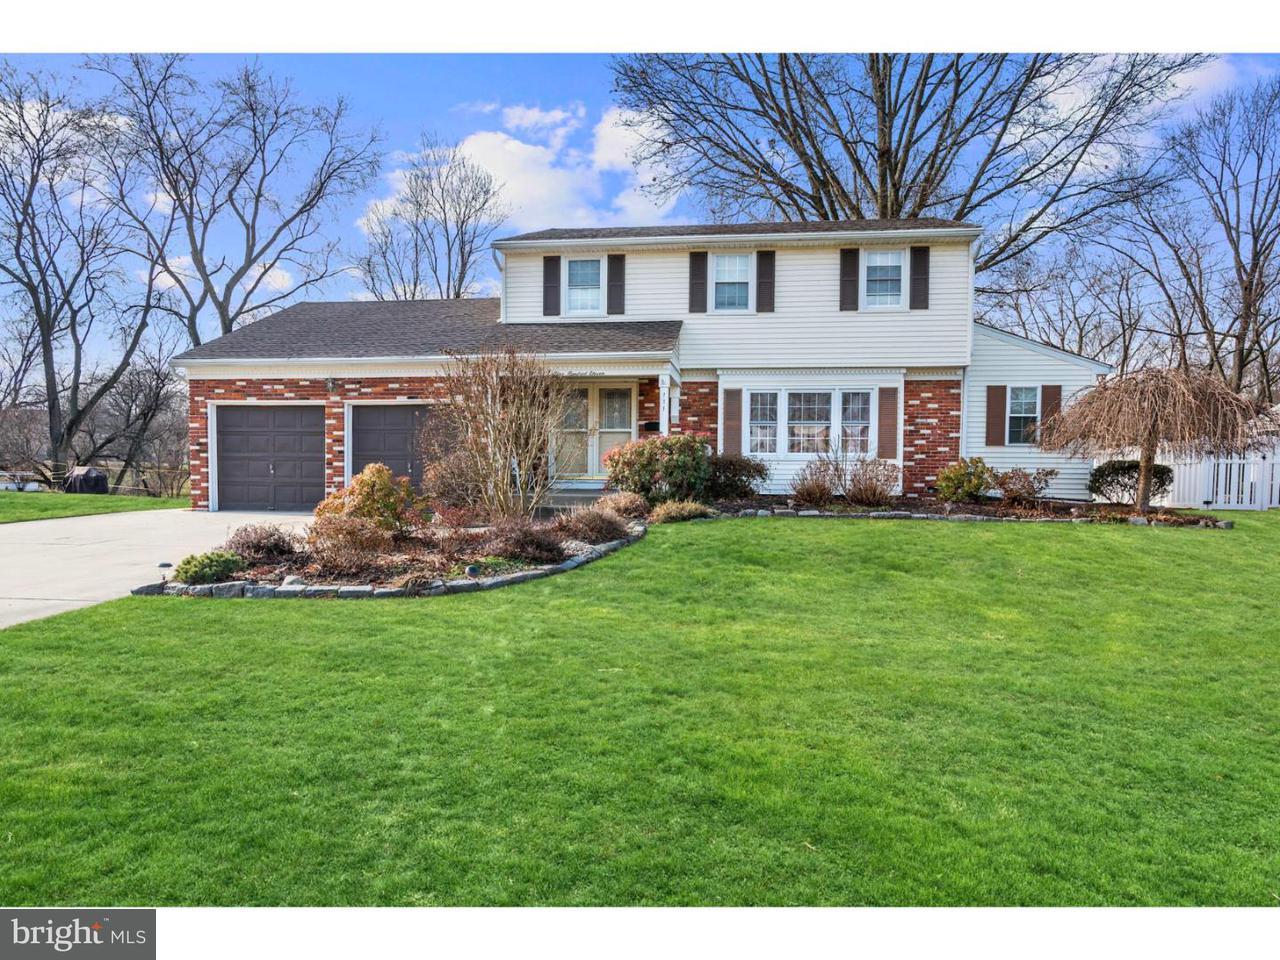 Einfamilienhaus für Verkauf beim 111 ERLINGTON Drive Cinnaminson Township, New Jersey 08077 Vereinigte Staaten